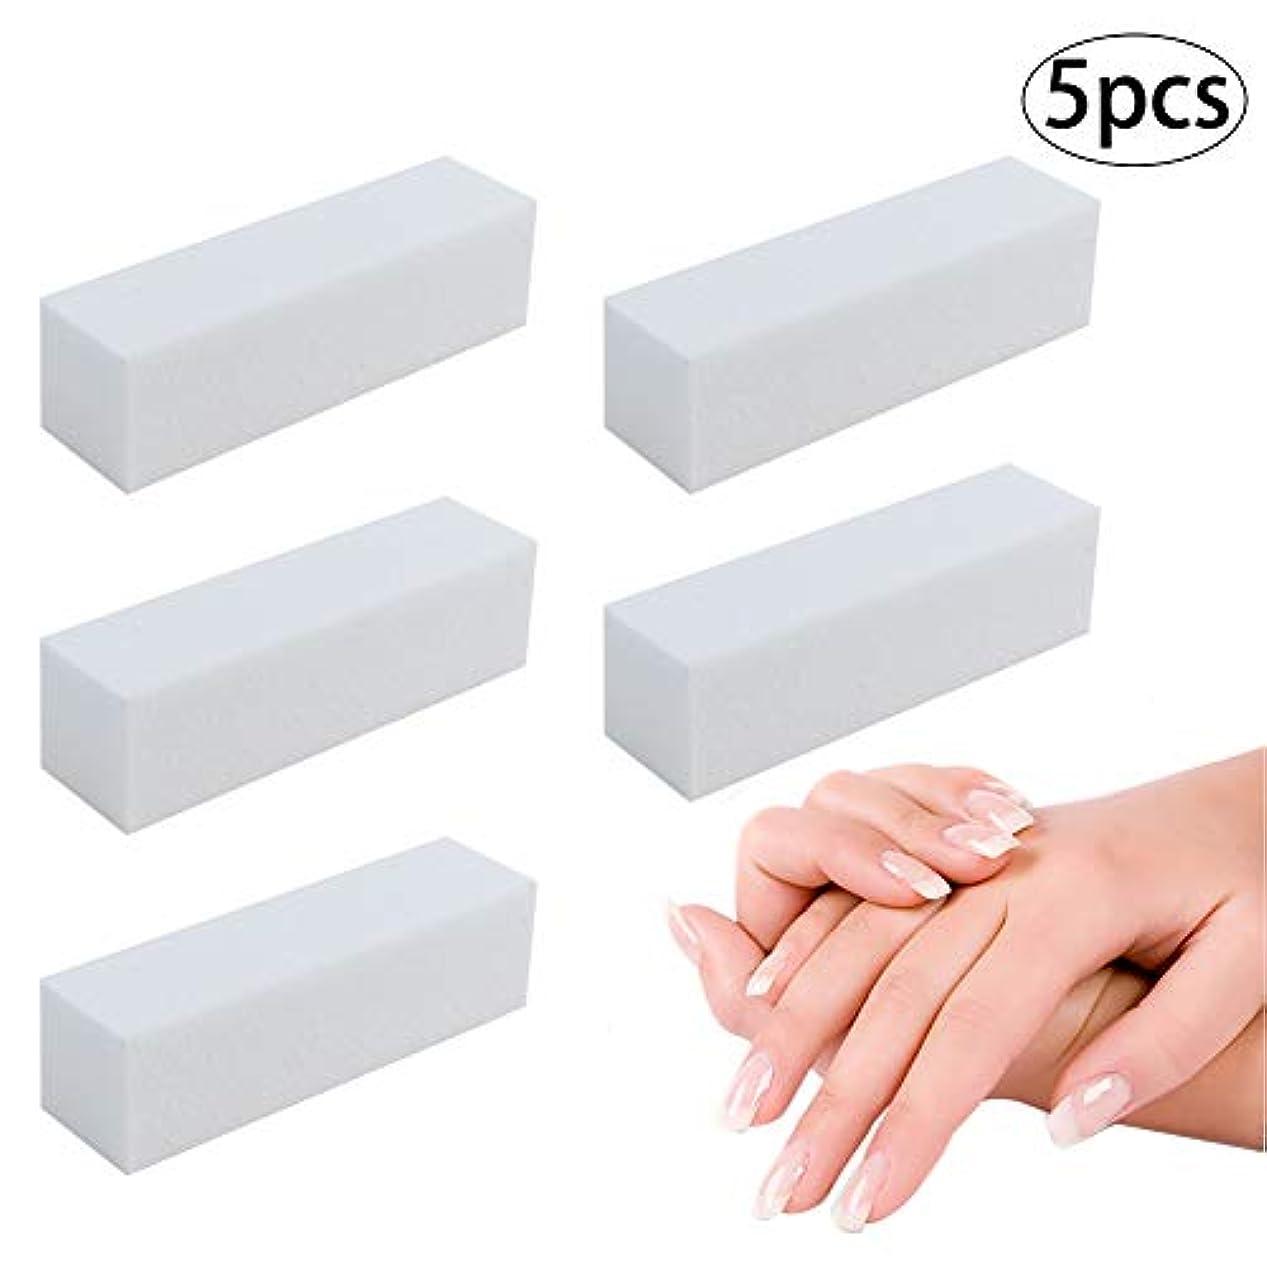 ベッドを作る上げるどれでも5 PCSネイルバッファブロック4ウェイファイルポリッシュネイルは、研磨プロのネイルファイルネイルツールネイルチップ(白)